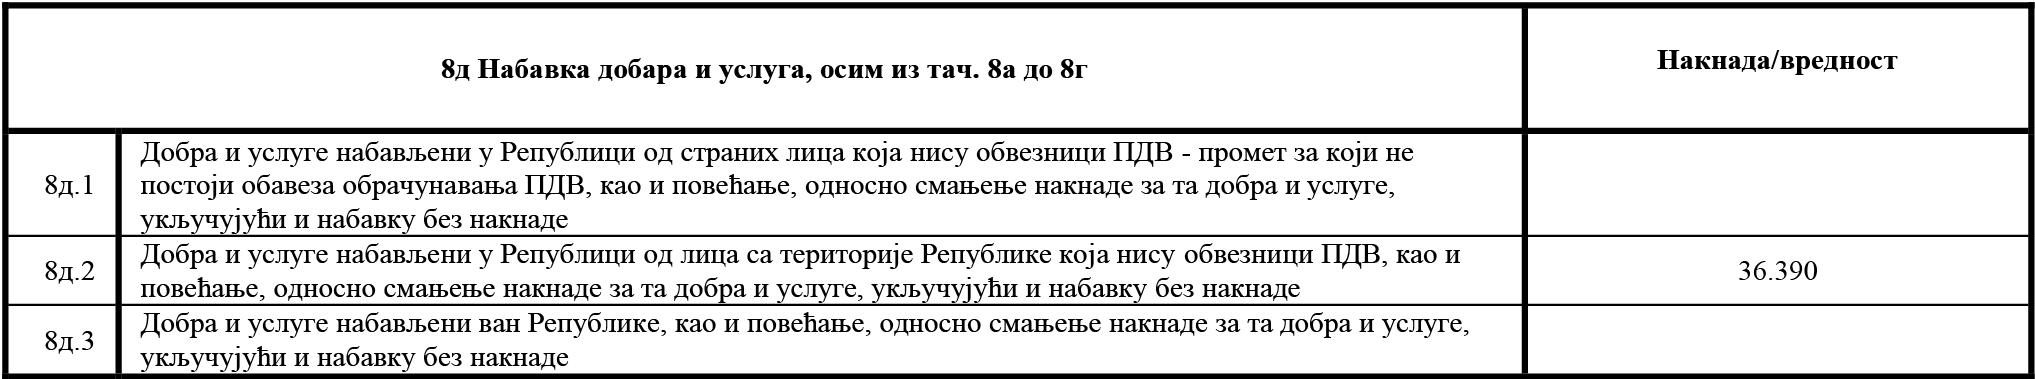 uputstvo PU obrazac POPDV primer 117